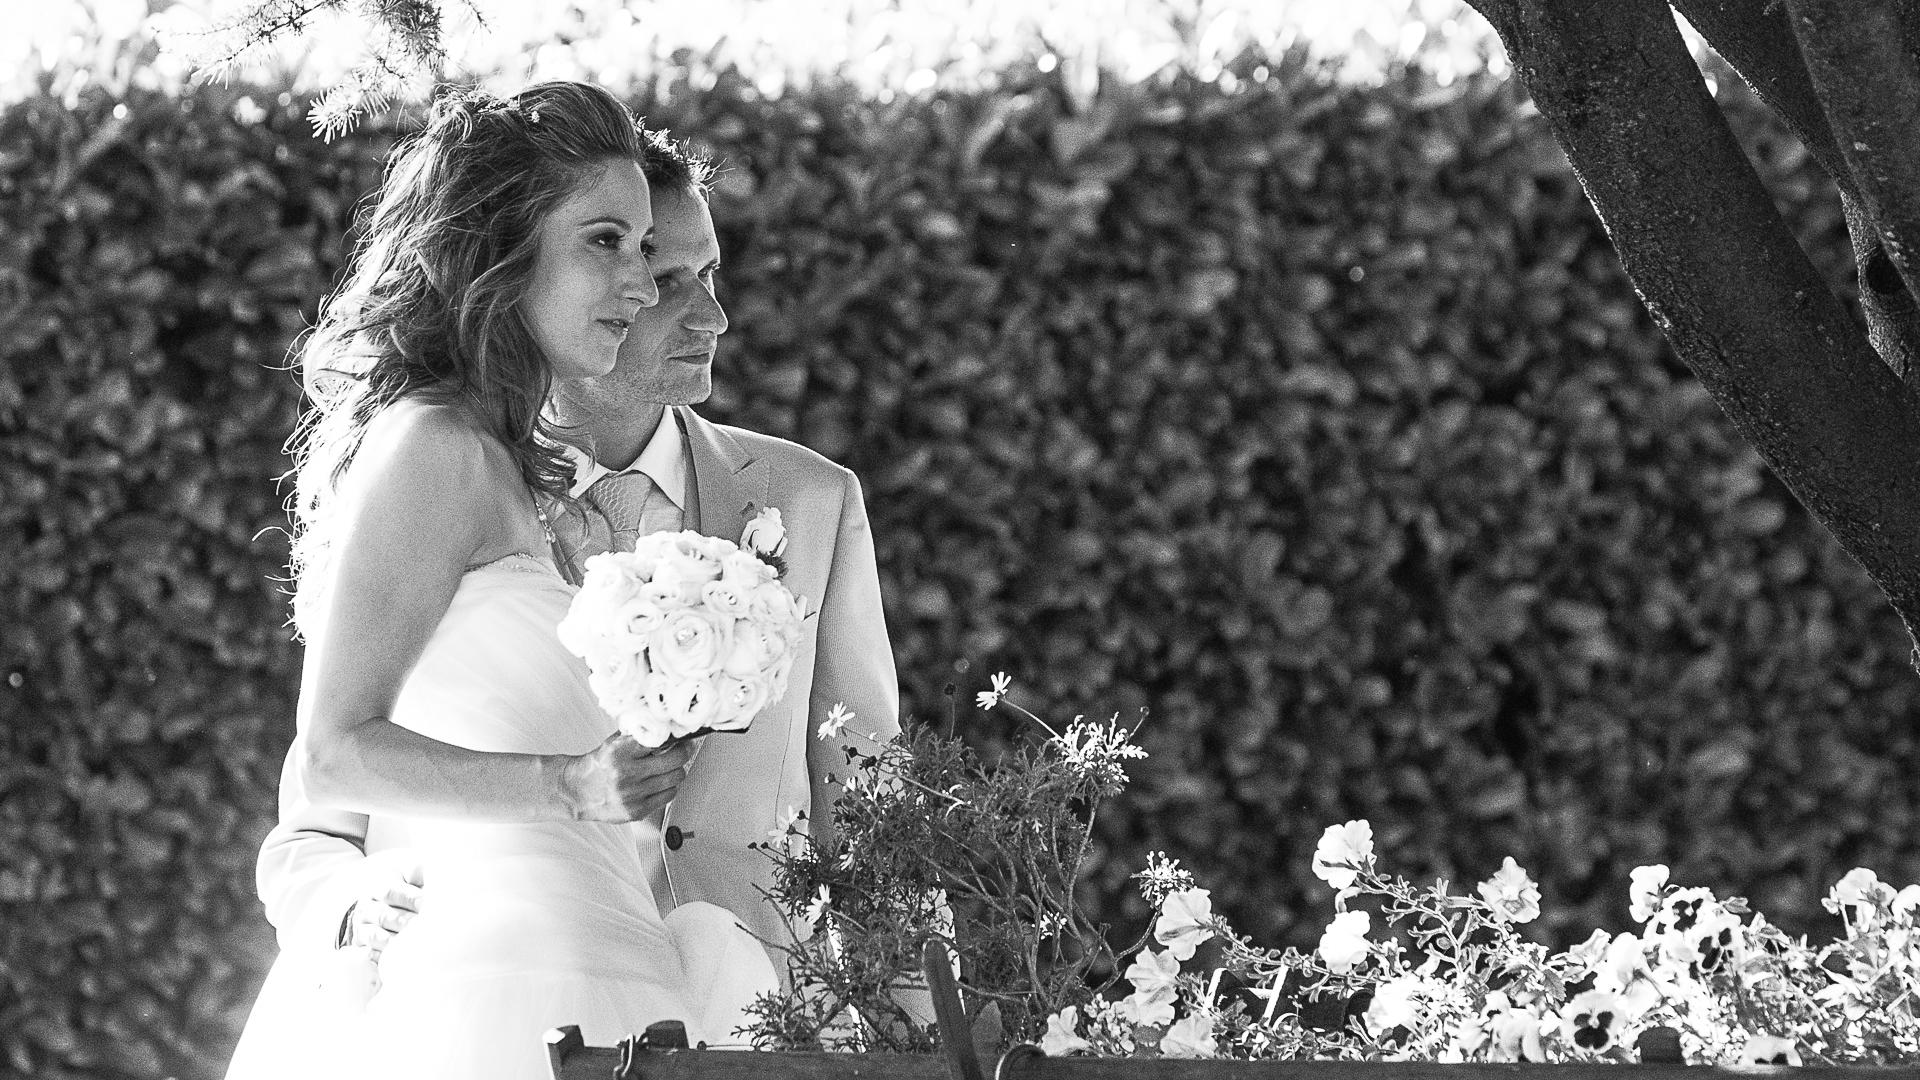 La sposa e lo sposo guardano l'infinito